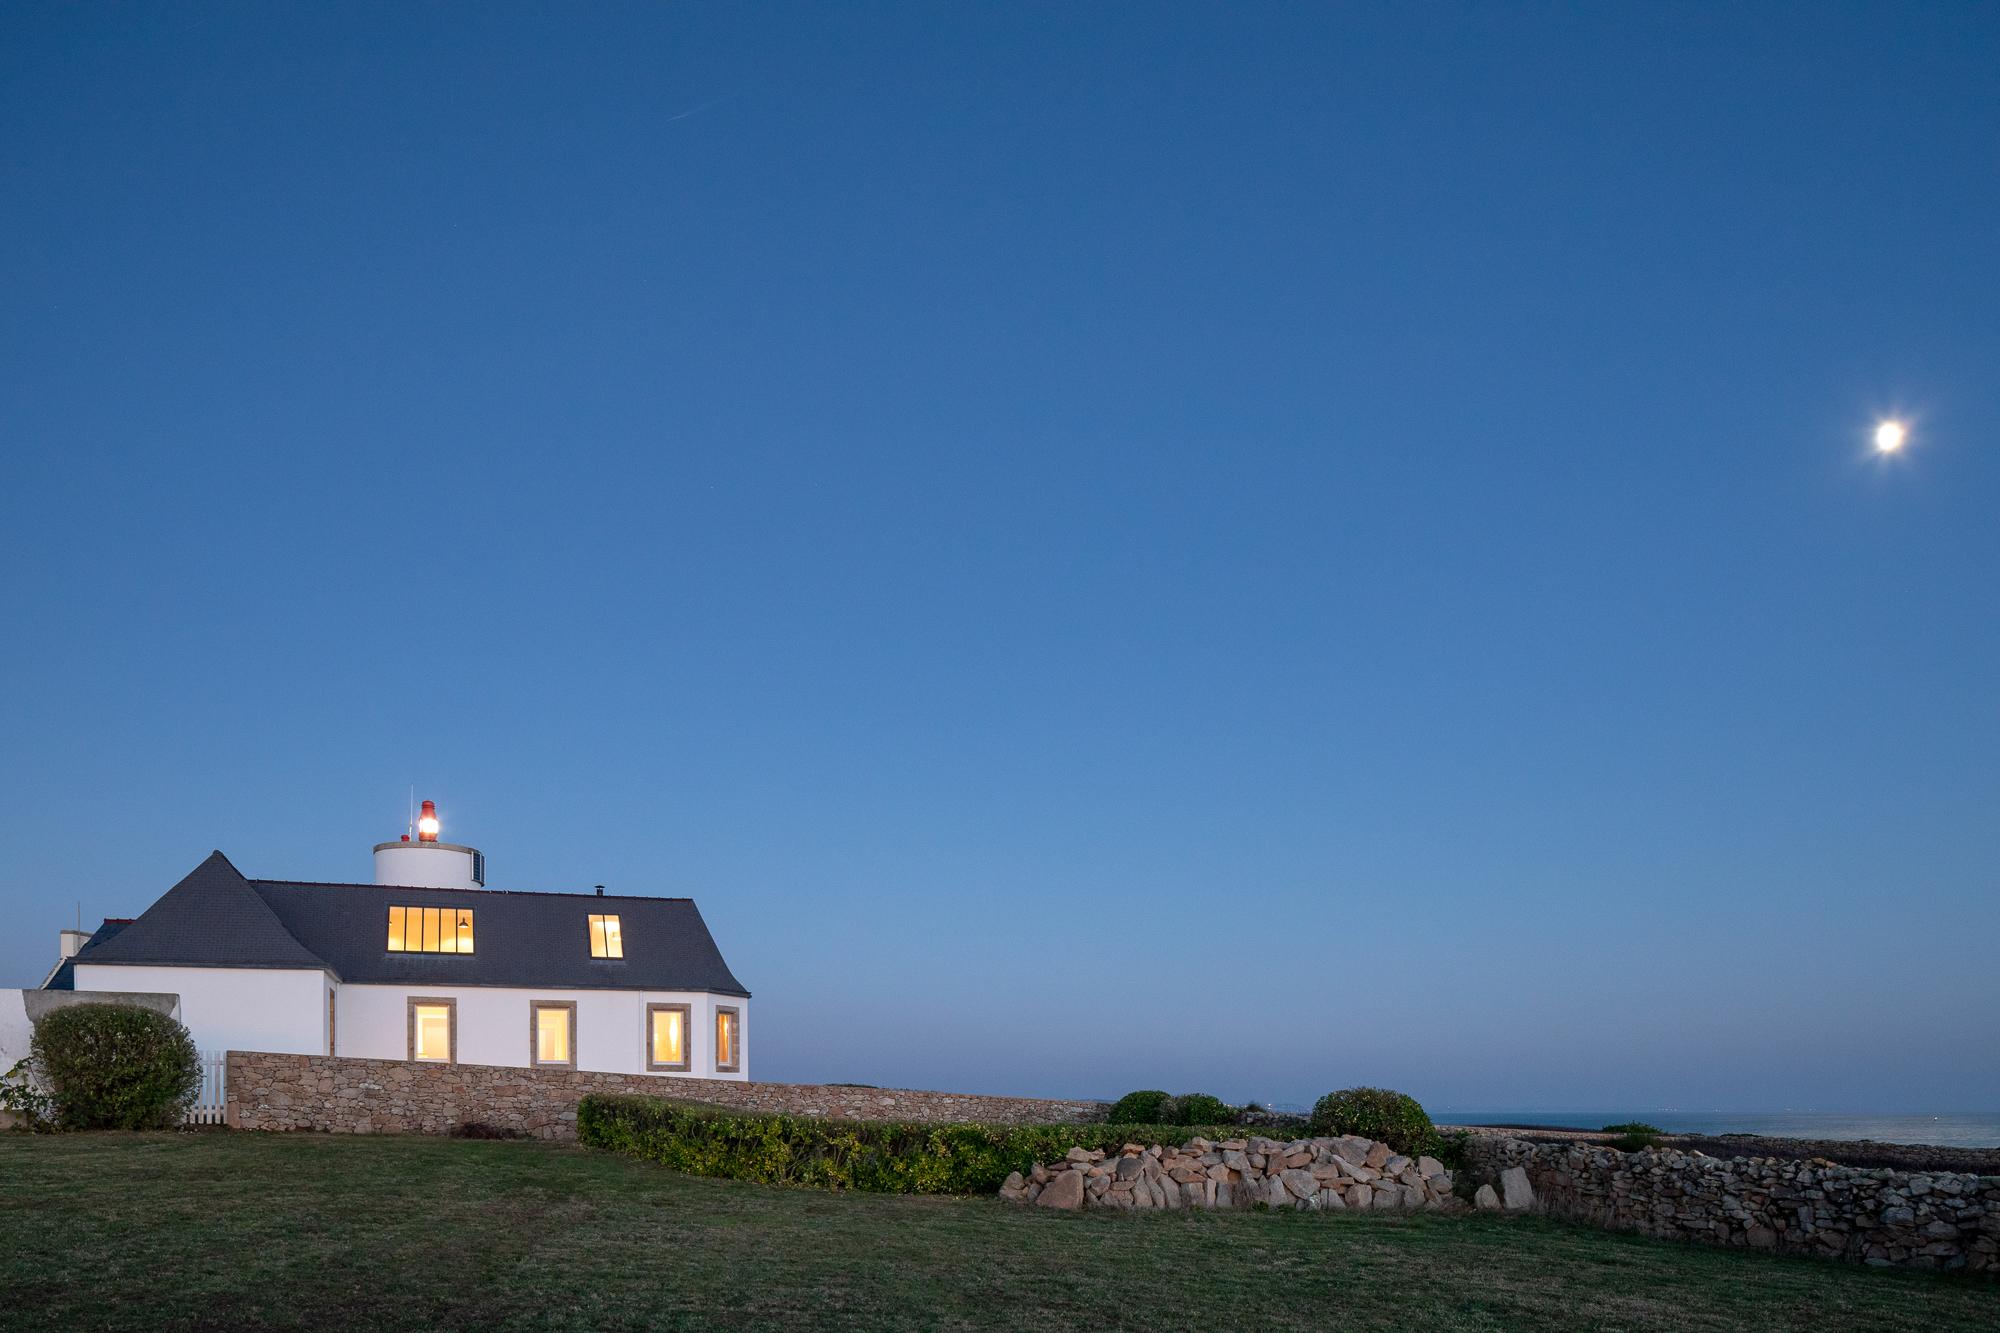 gte-smaphore-de-lervily-extrieur-heure-bleue-vue-de-ct-avec-la-lune-pascal-leopold-2.jpg